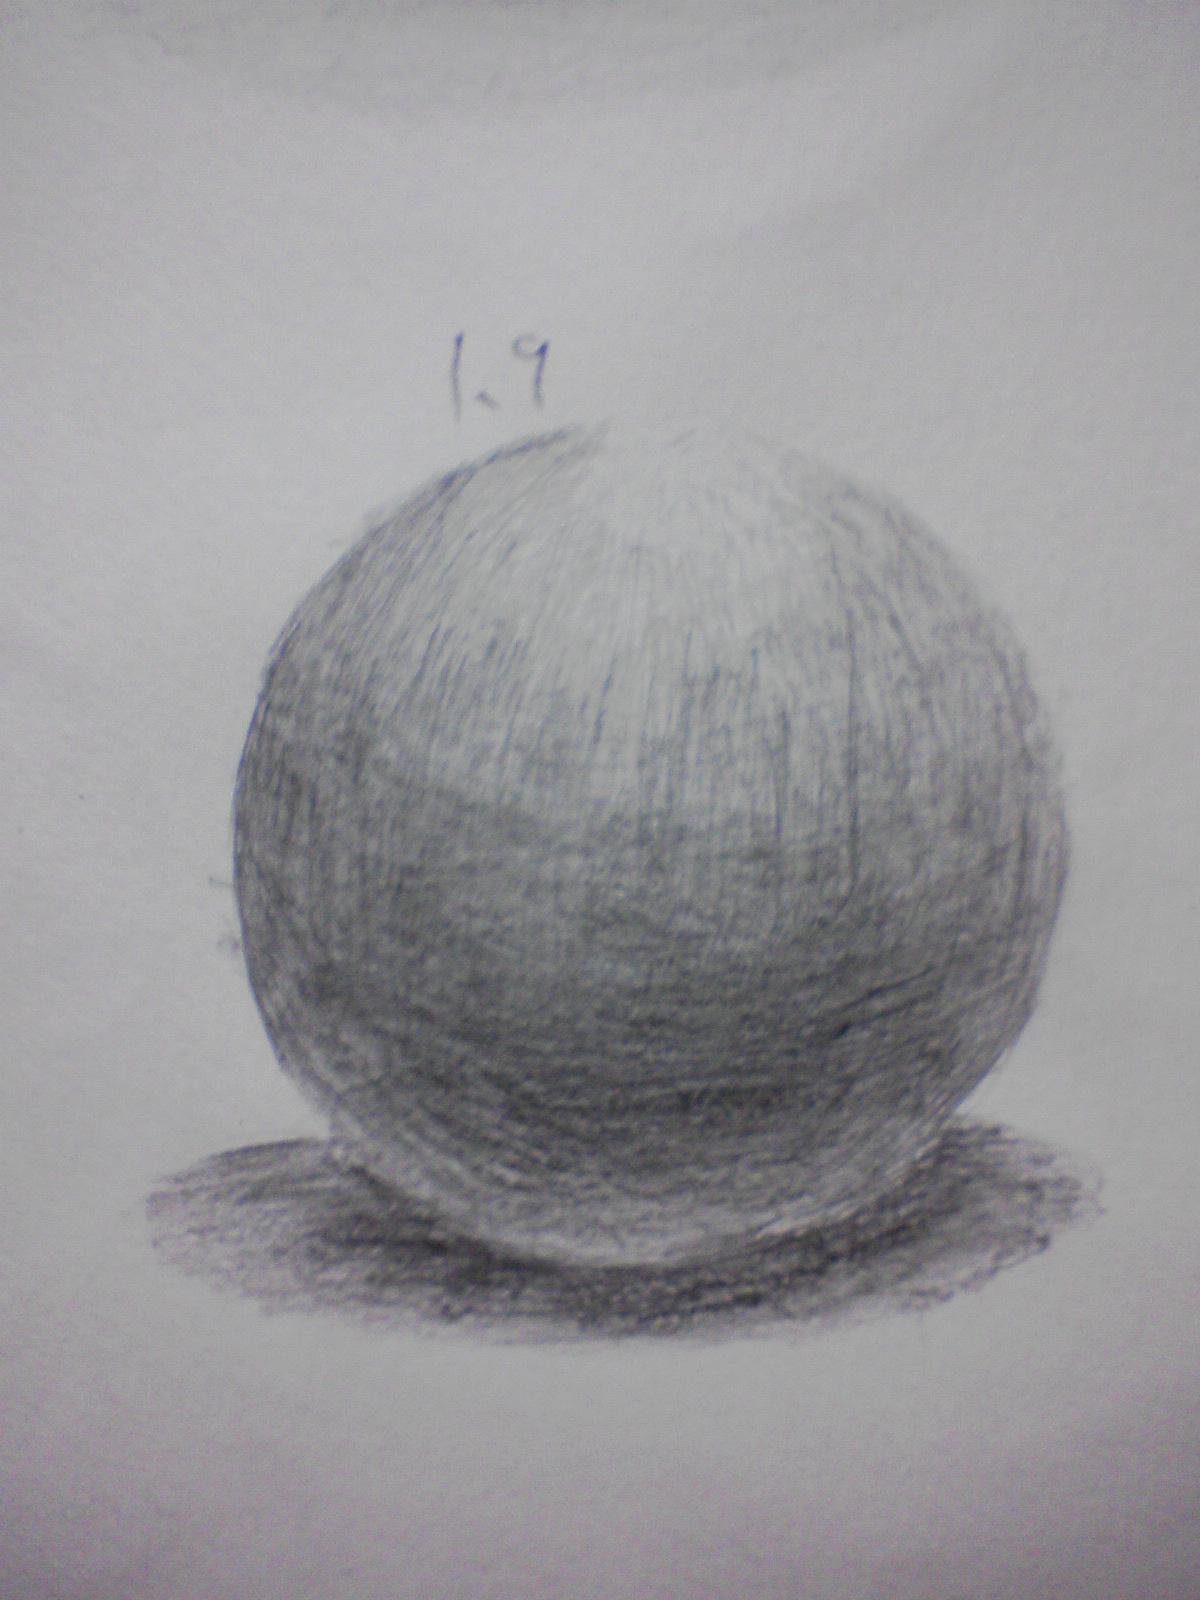 想定の球3